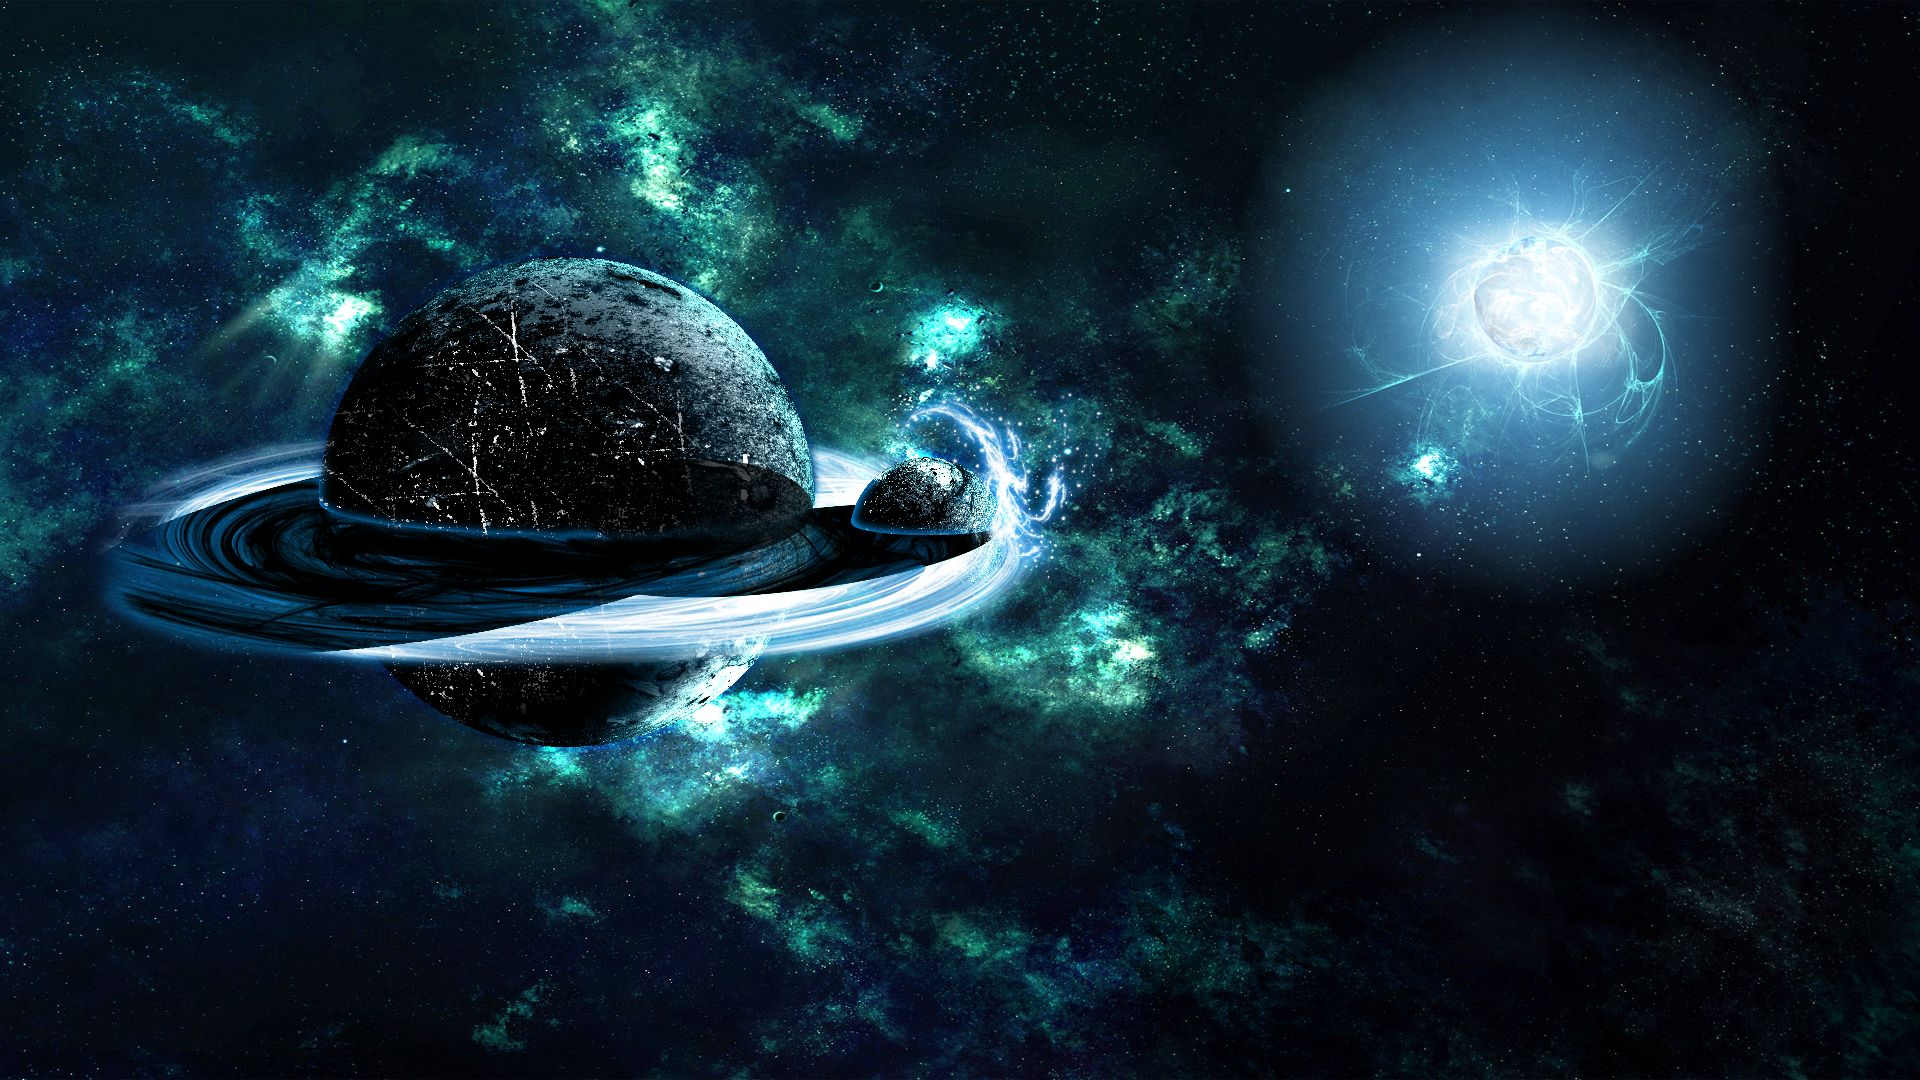 Обои Темная планета картинки на рабочий стол на тему Космос - скачать  № 1763059 без смс